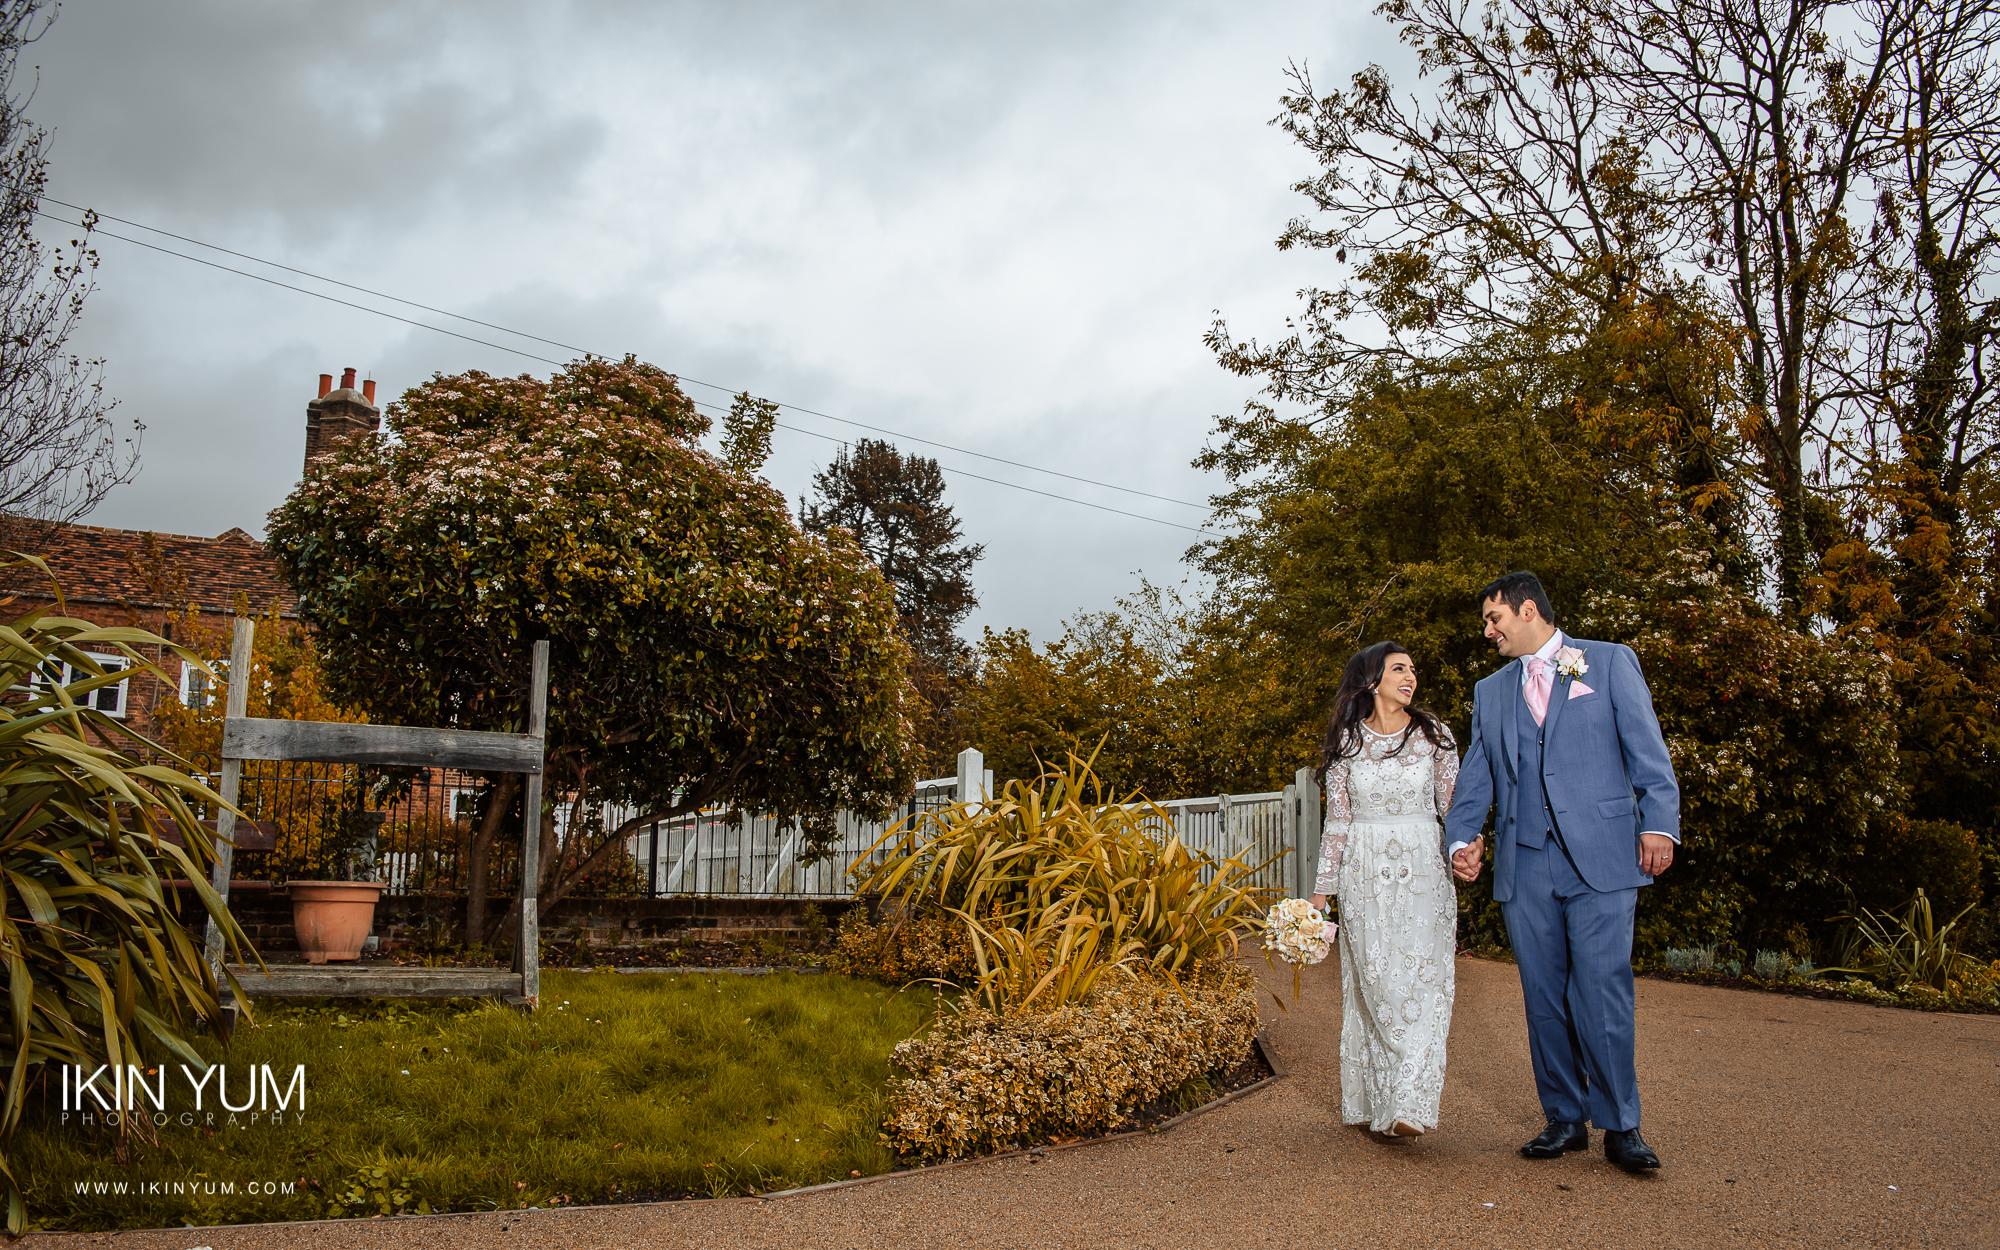 The Great Barn Wedding- Ikin Yum Photography-0068.jpg